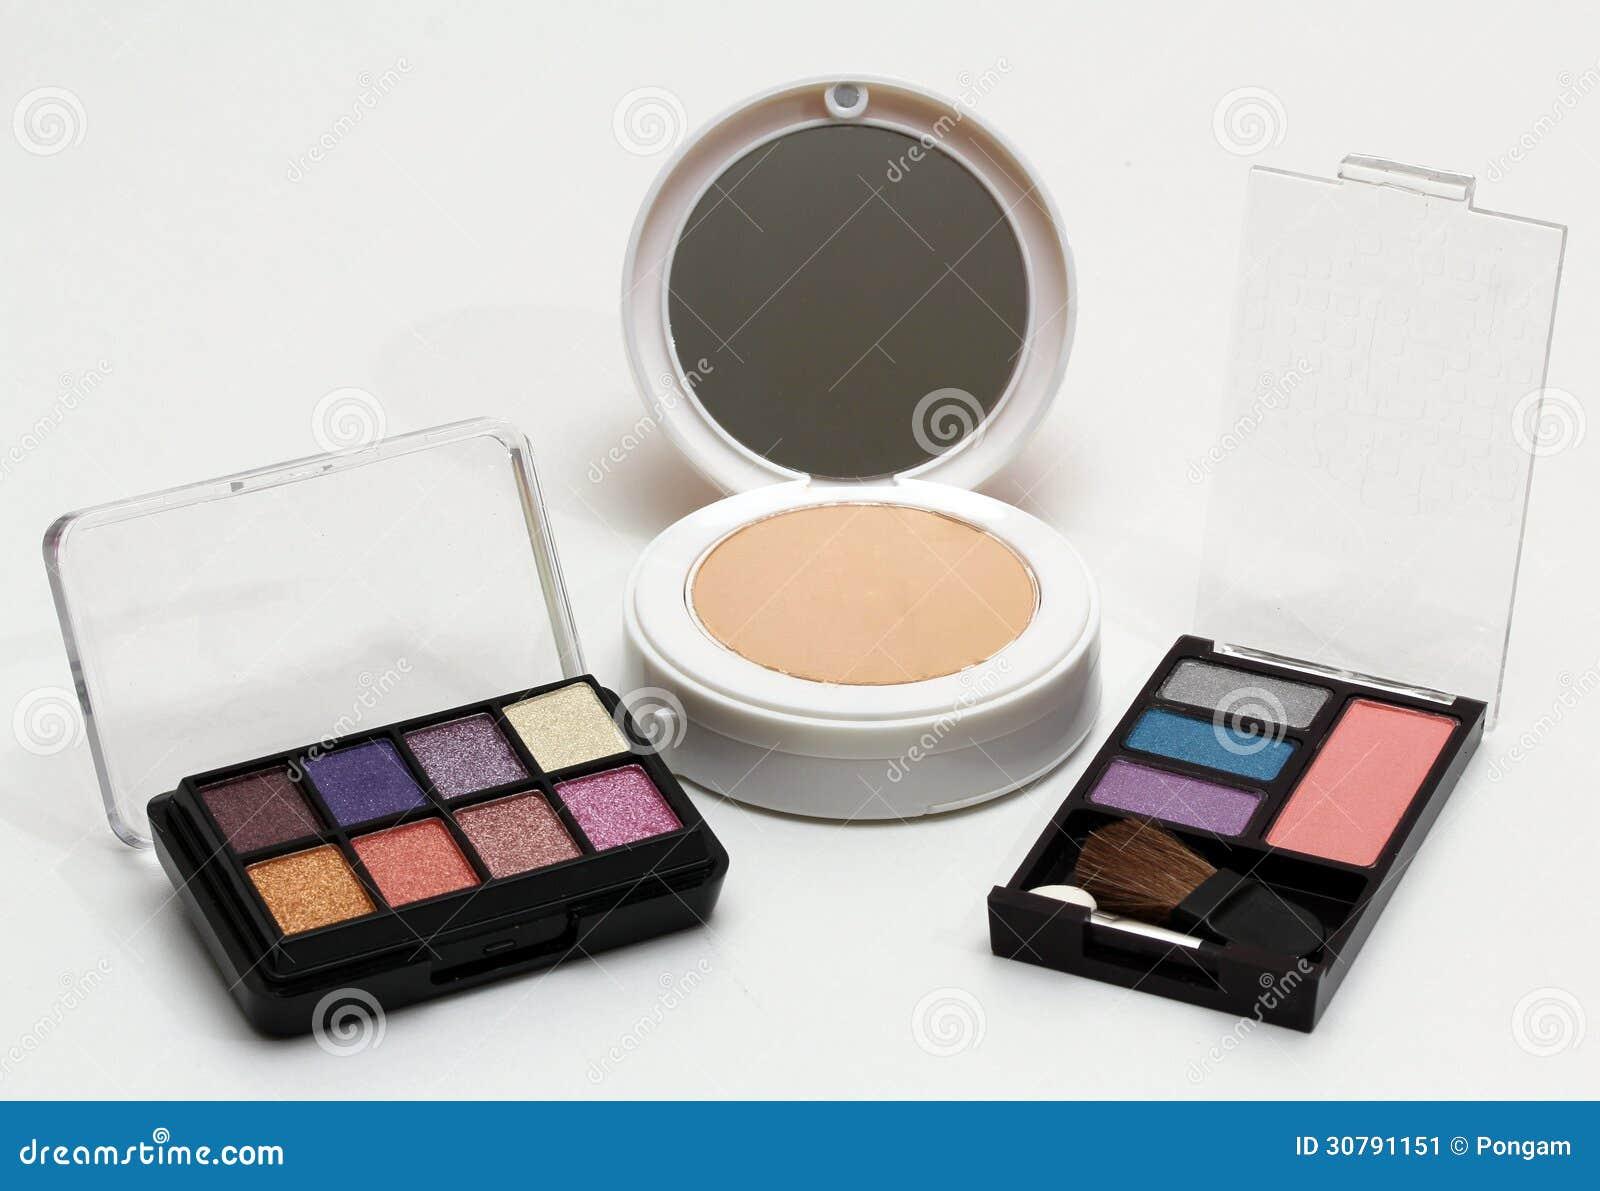 Eyeshadow and powder